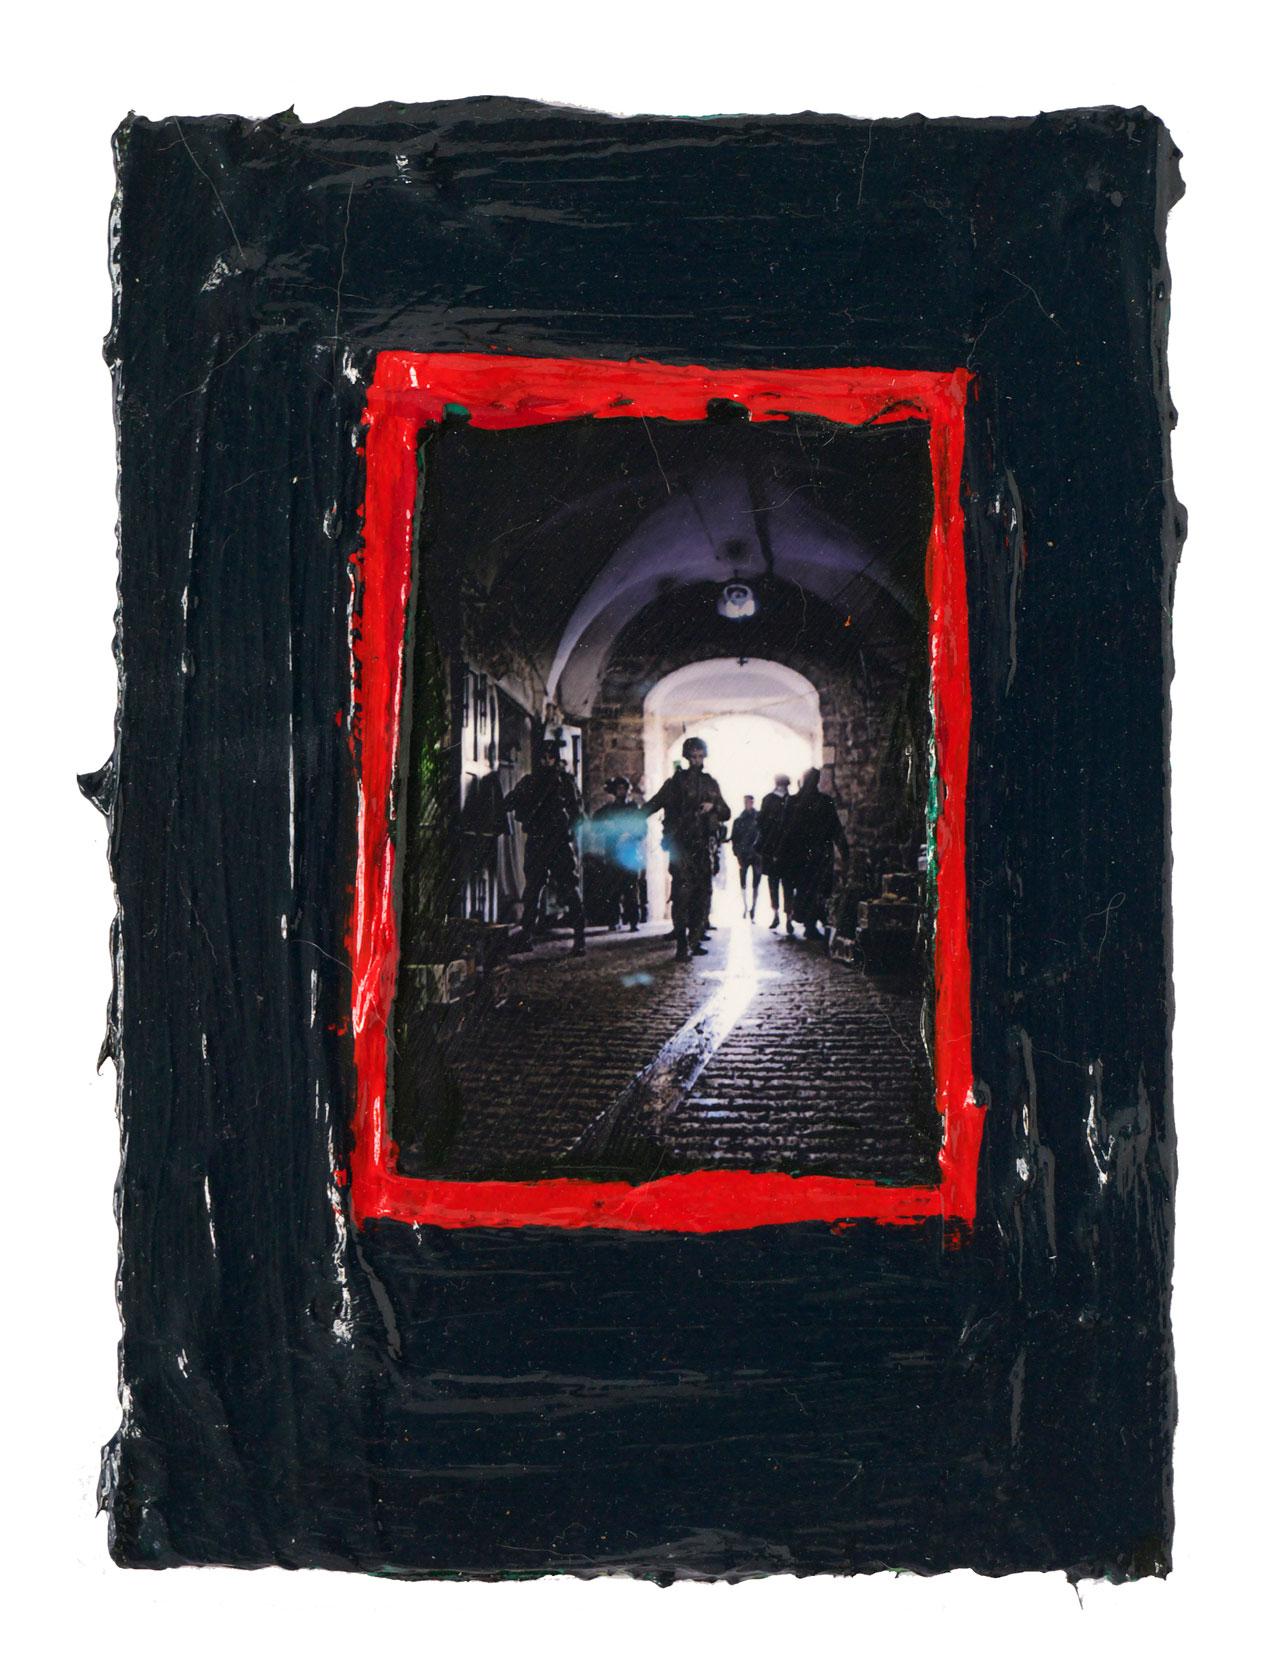 HEBRON | 2012 © Kerstin Jeckel | TAFELBILD #110